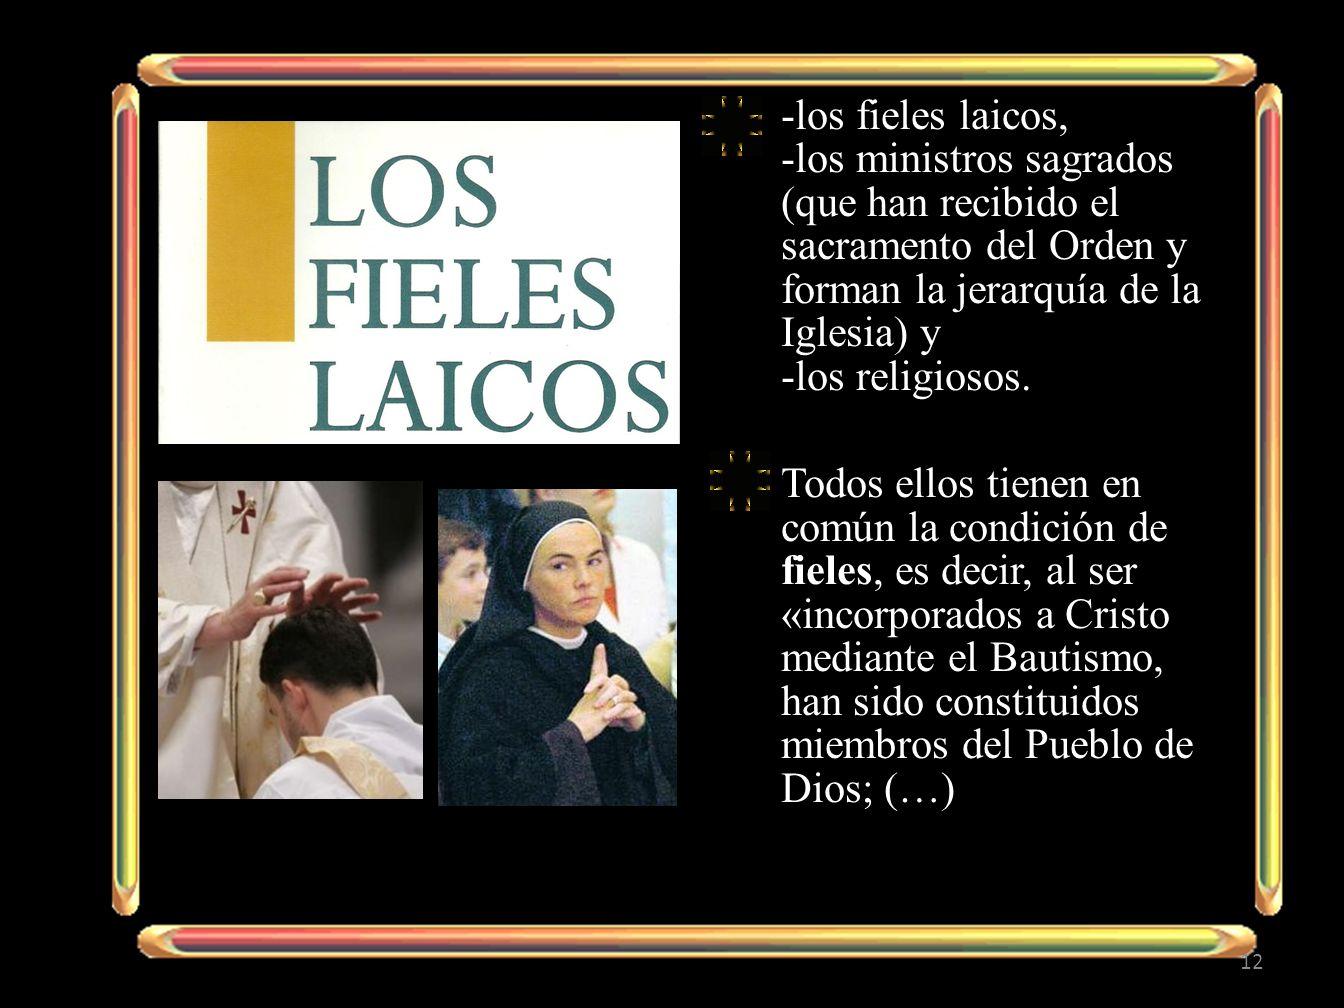 -los fieles laicos, -los ministros sagrados (que han recibido el sacramento del Orden y forman la jerarquía de la Iglesia) y -los religiosos.